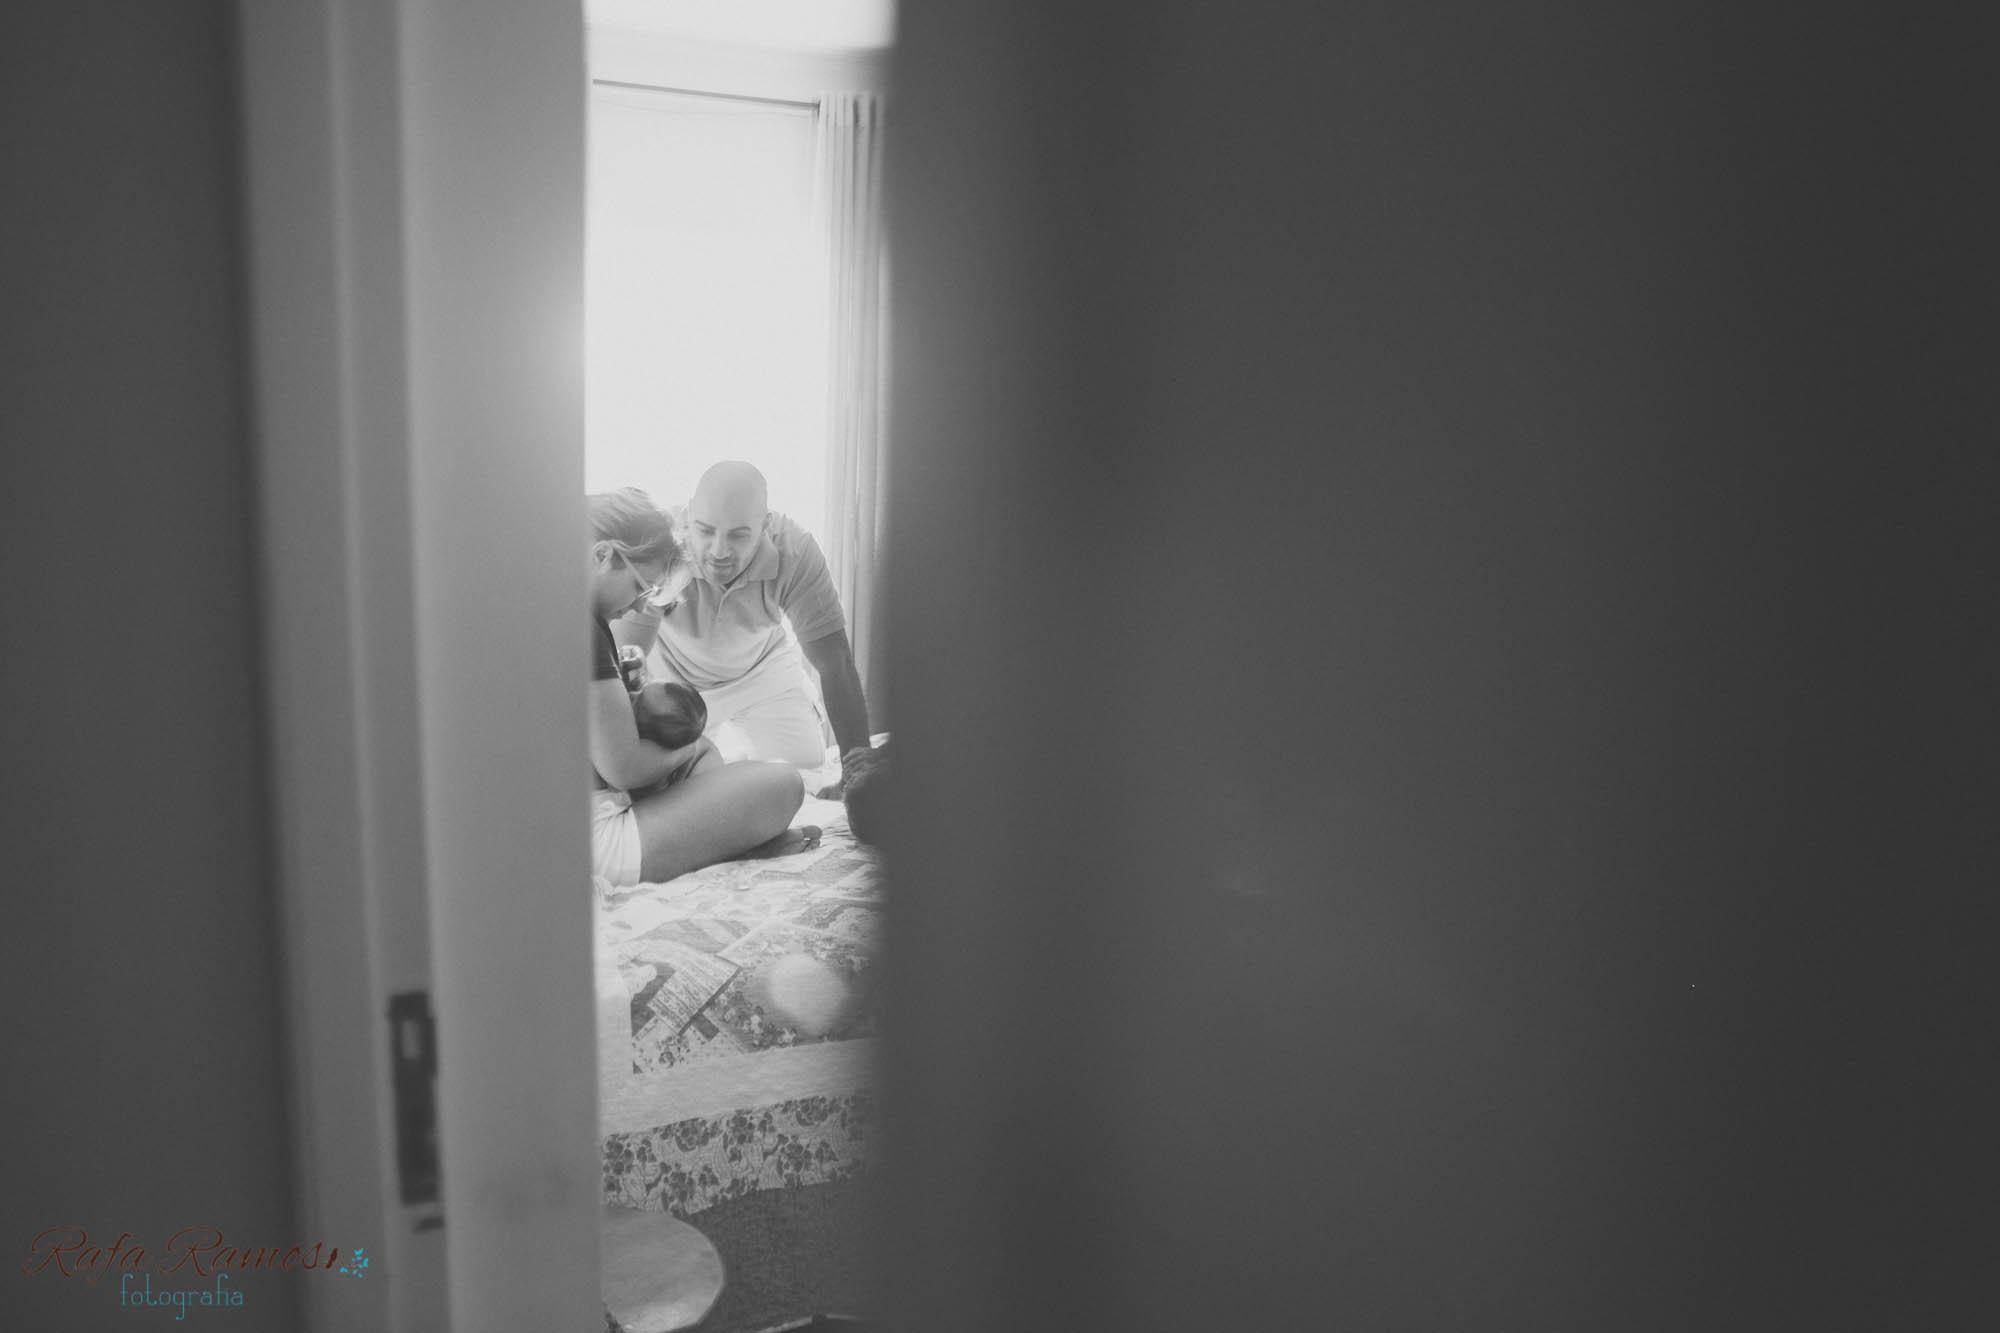 ensaio bebê, acompanhamento infantil, ensaio bebê, book bebê, neném, baby, São paulo, SP, ensaio, bebê, fotografo, família, ensaio de família, fotografia de família, fotografia criativa,Fotografia Infantil, ensaio fotografico, blog de fotografia, Rafa Ramos, Fotografo, Rafa Ramos Fotografia